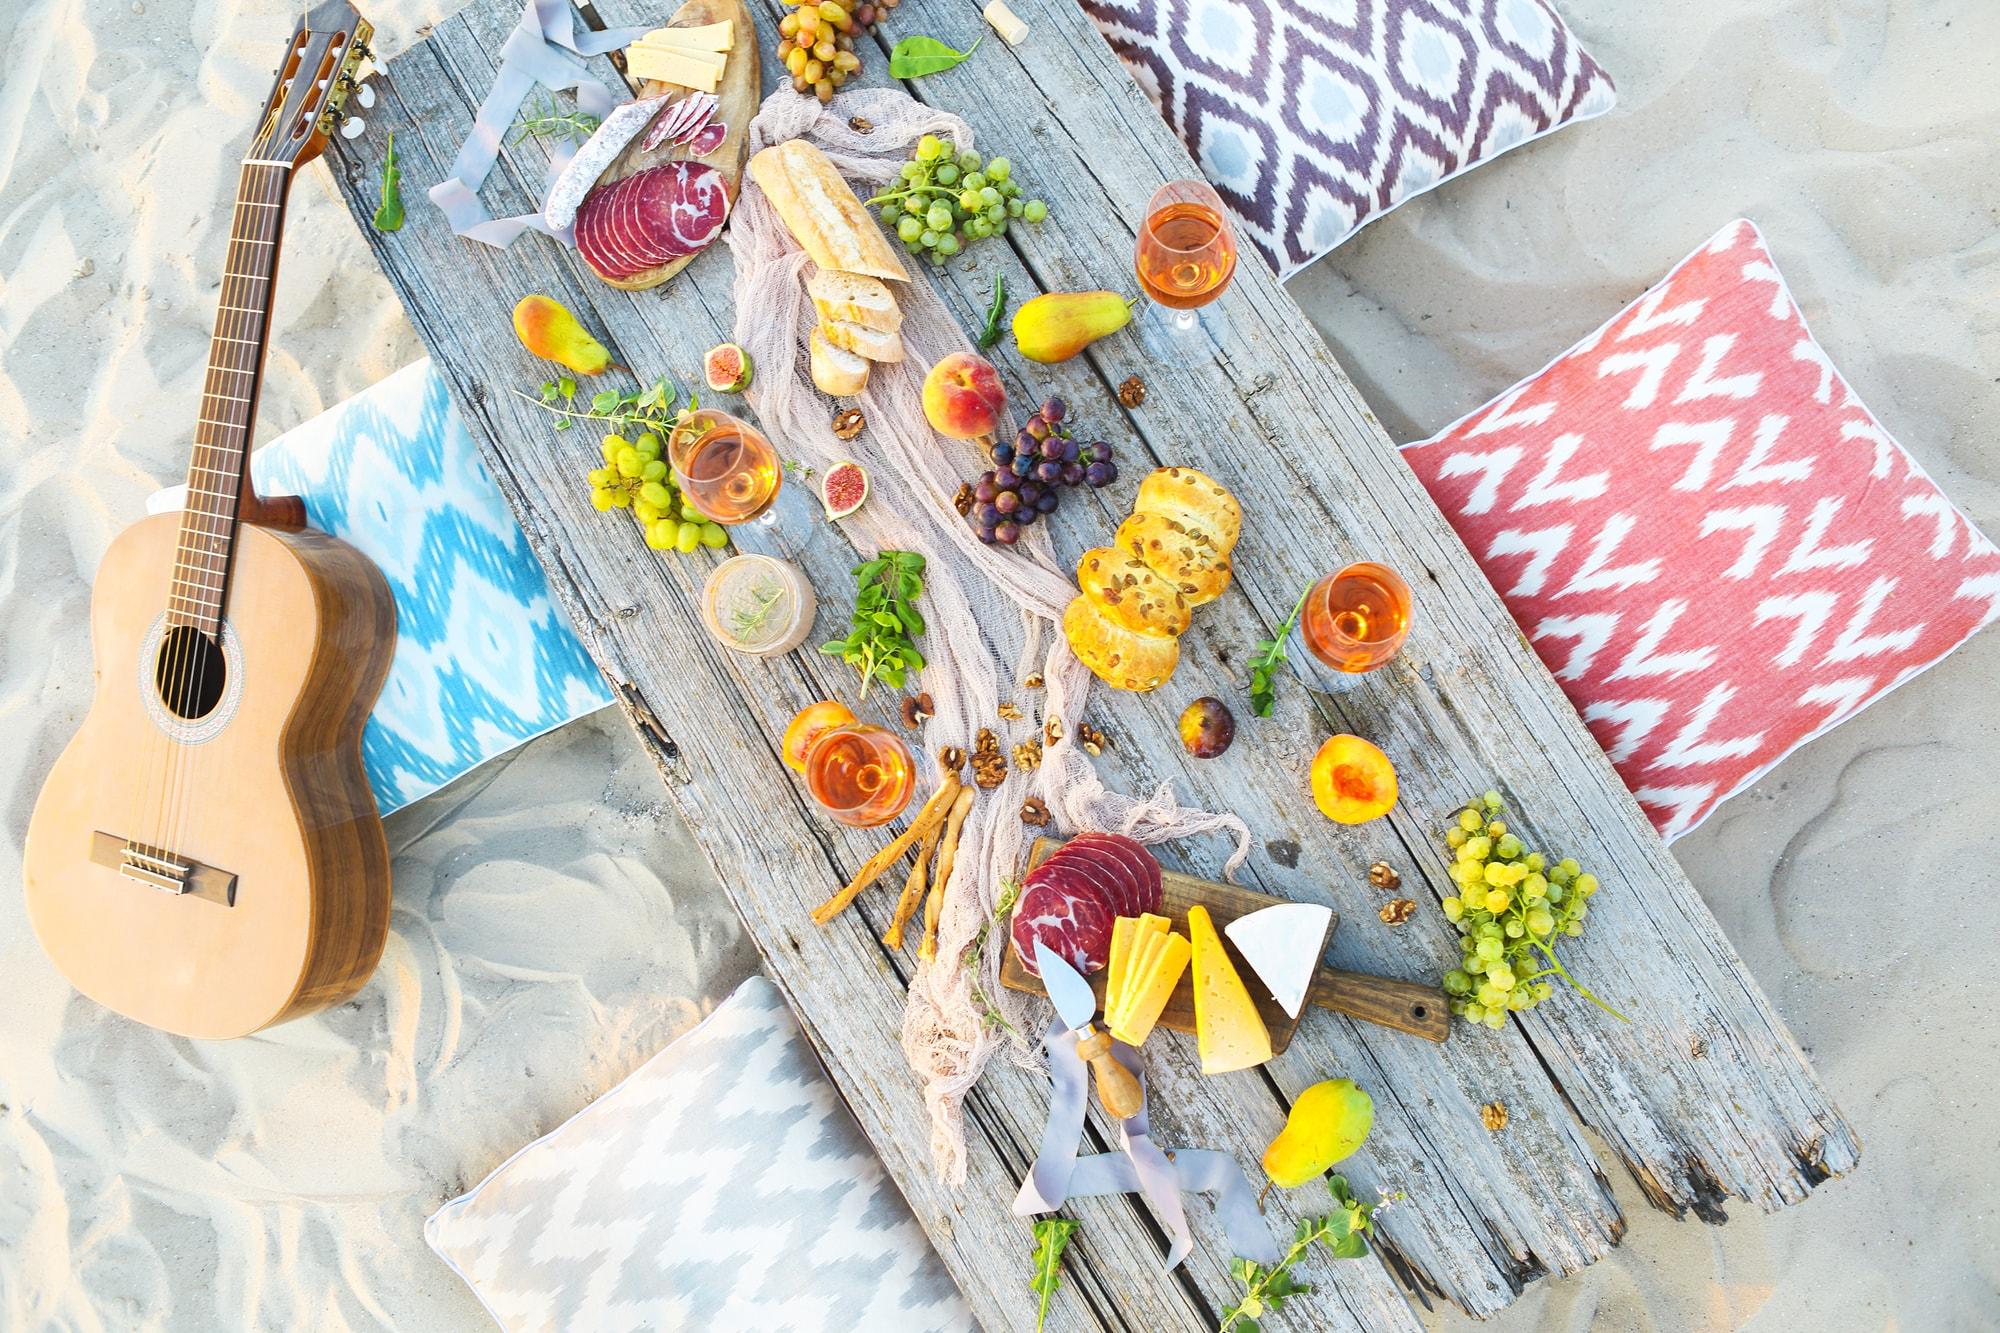 デリバリーで涼しい夏を!この夏デリバリーしたいおすすめ店5選|TIME SHARING|タイムシェアリング |スペースマネジメント|あどばる|adval|SHARING